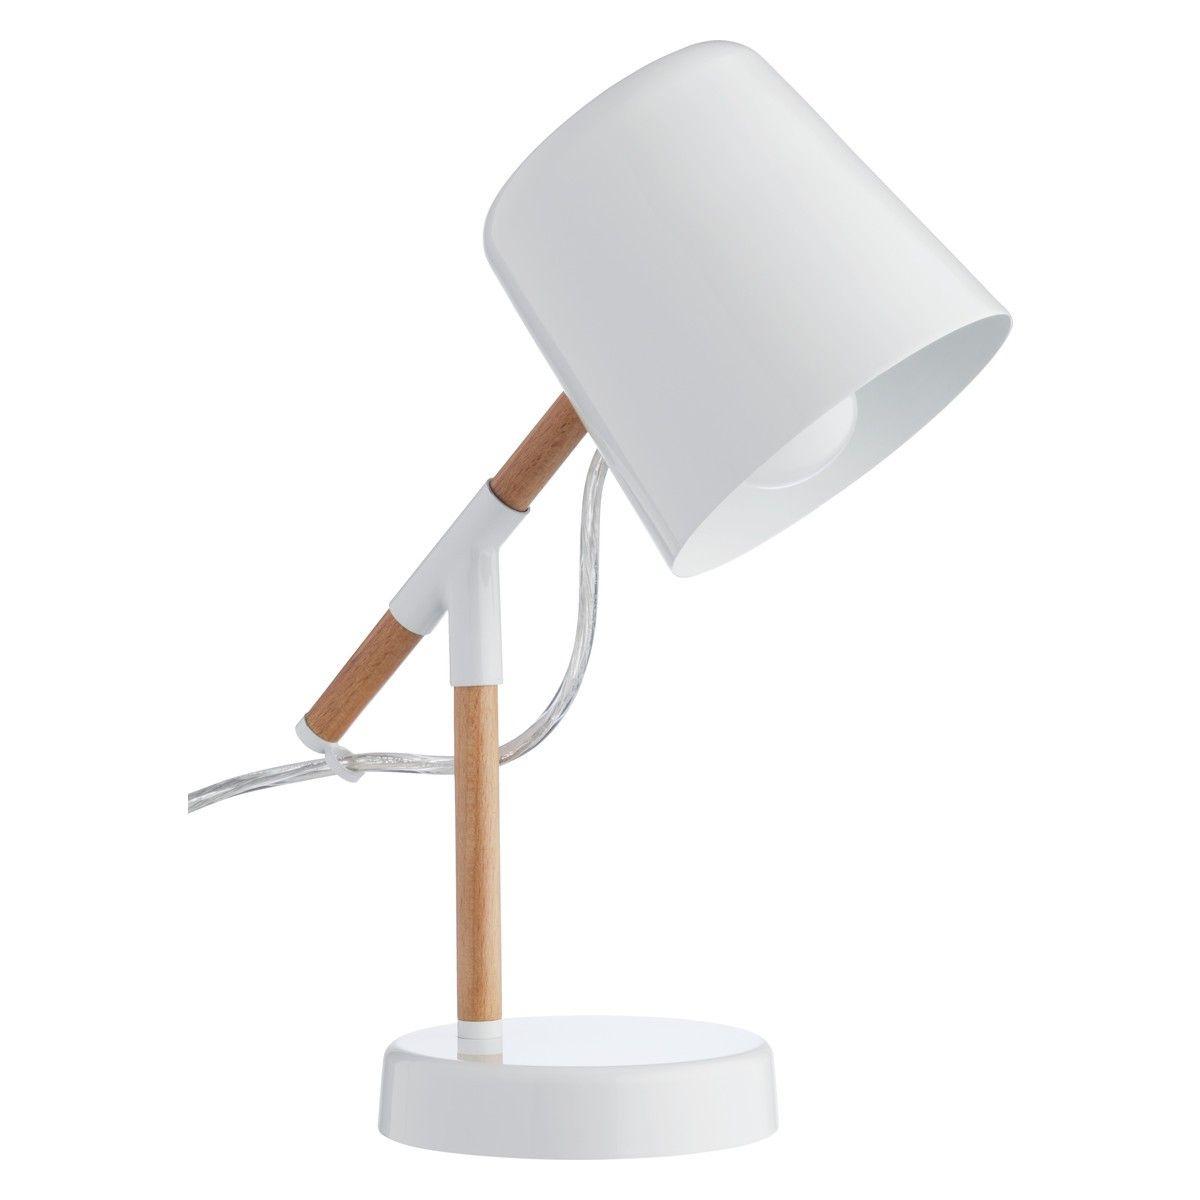 Peeta White Metal And Wood Desk Lamp Buy Now At Habitat Uk